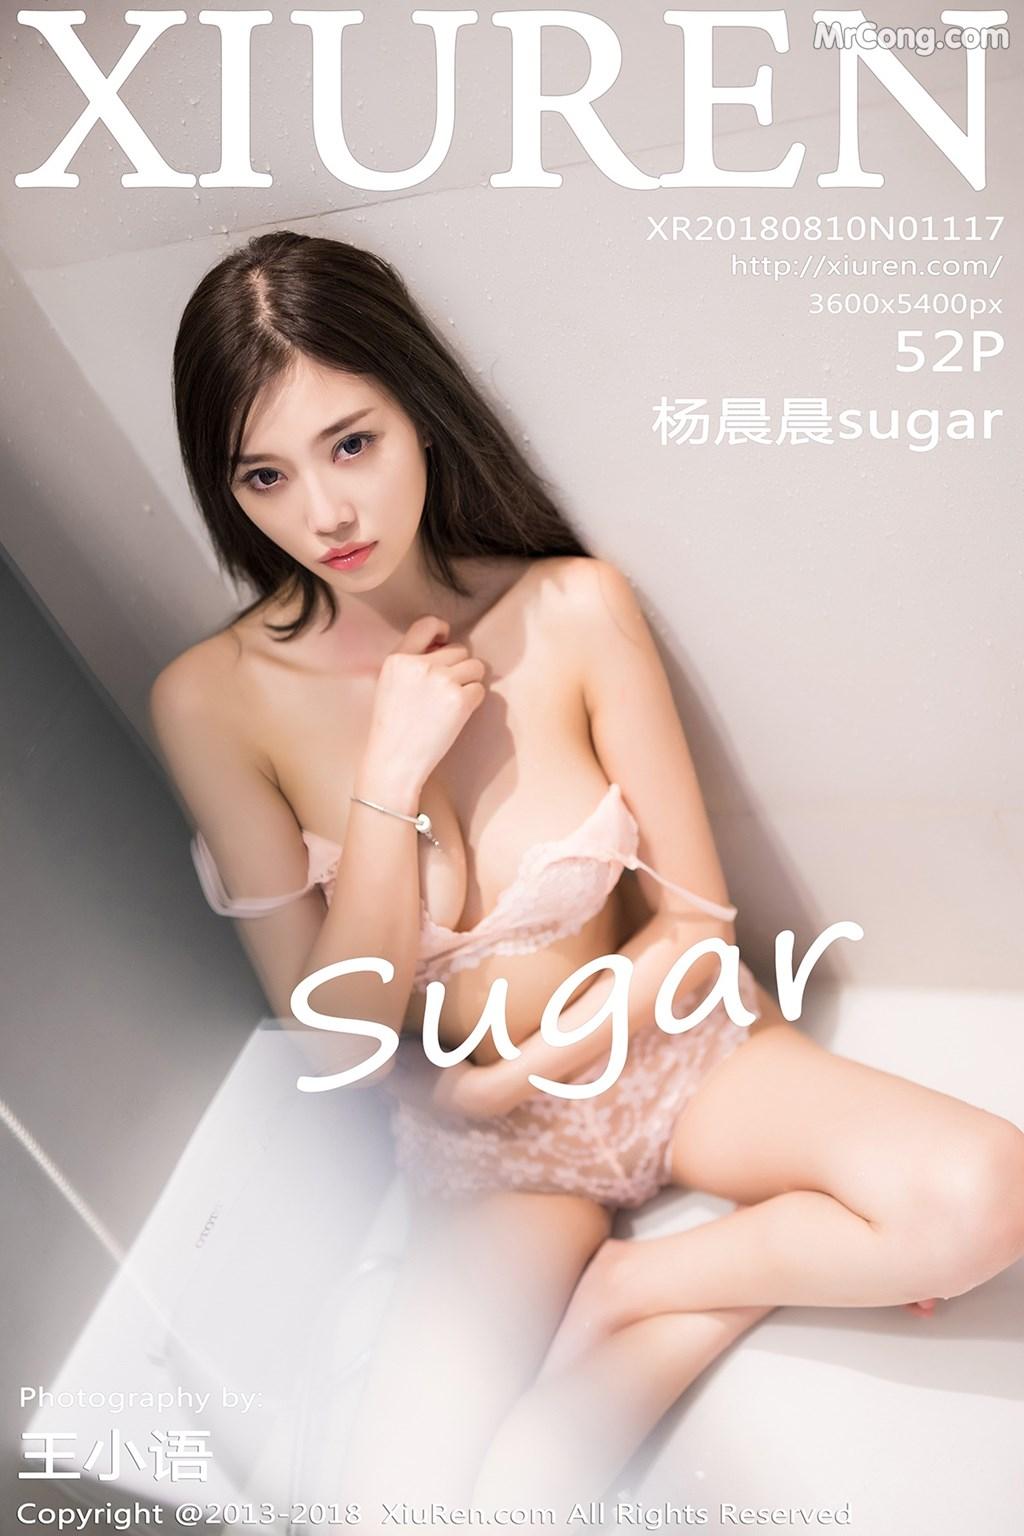 XIUREN No.1117: Người mẫu Yang Chen Chen (杨晨晨sugar) (53 ảnh)